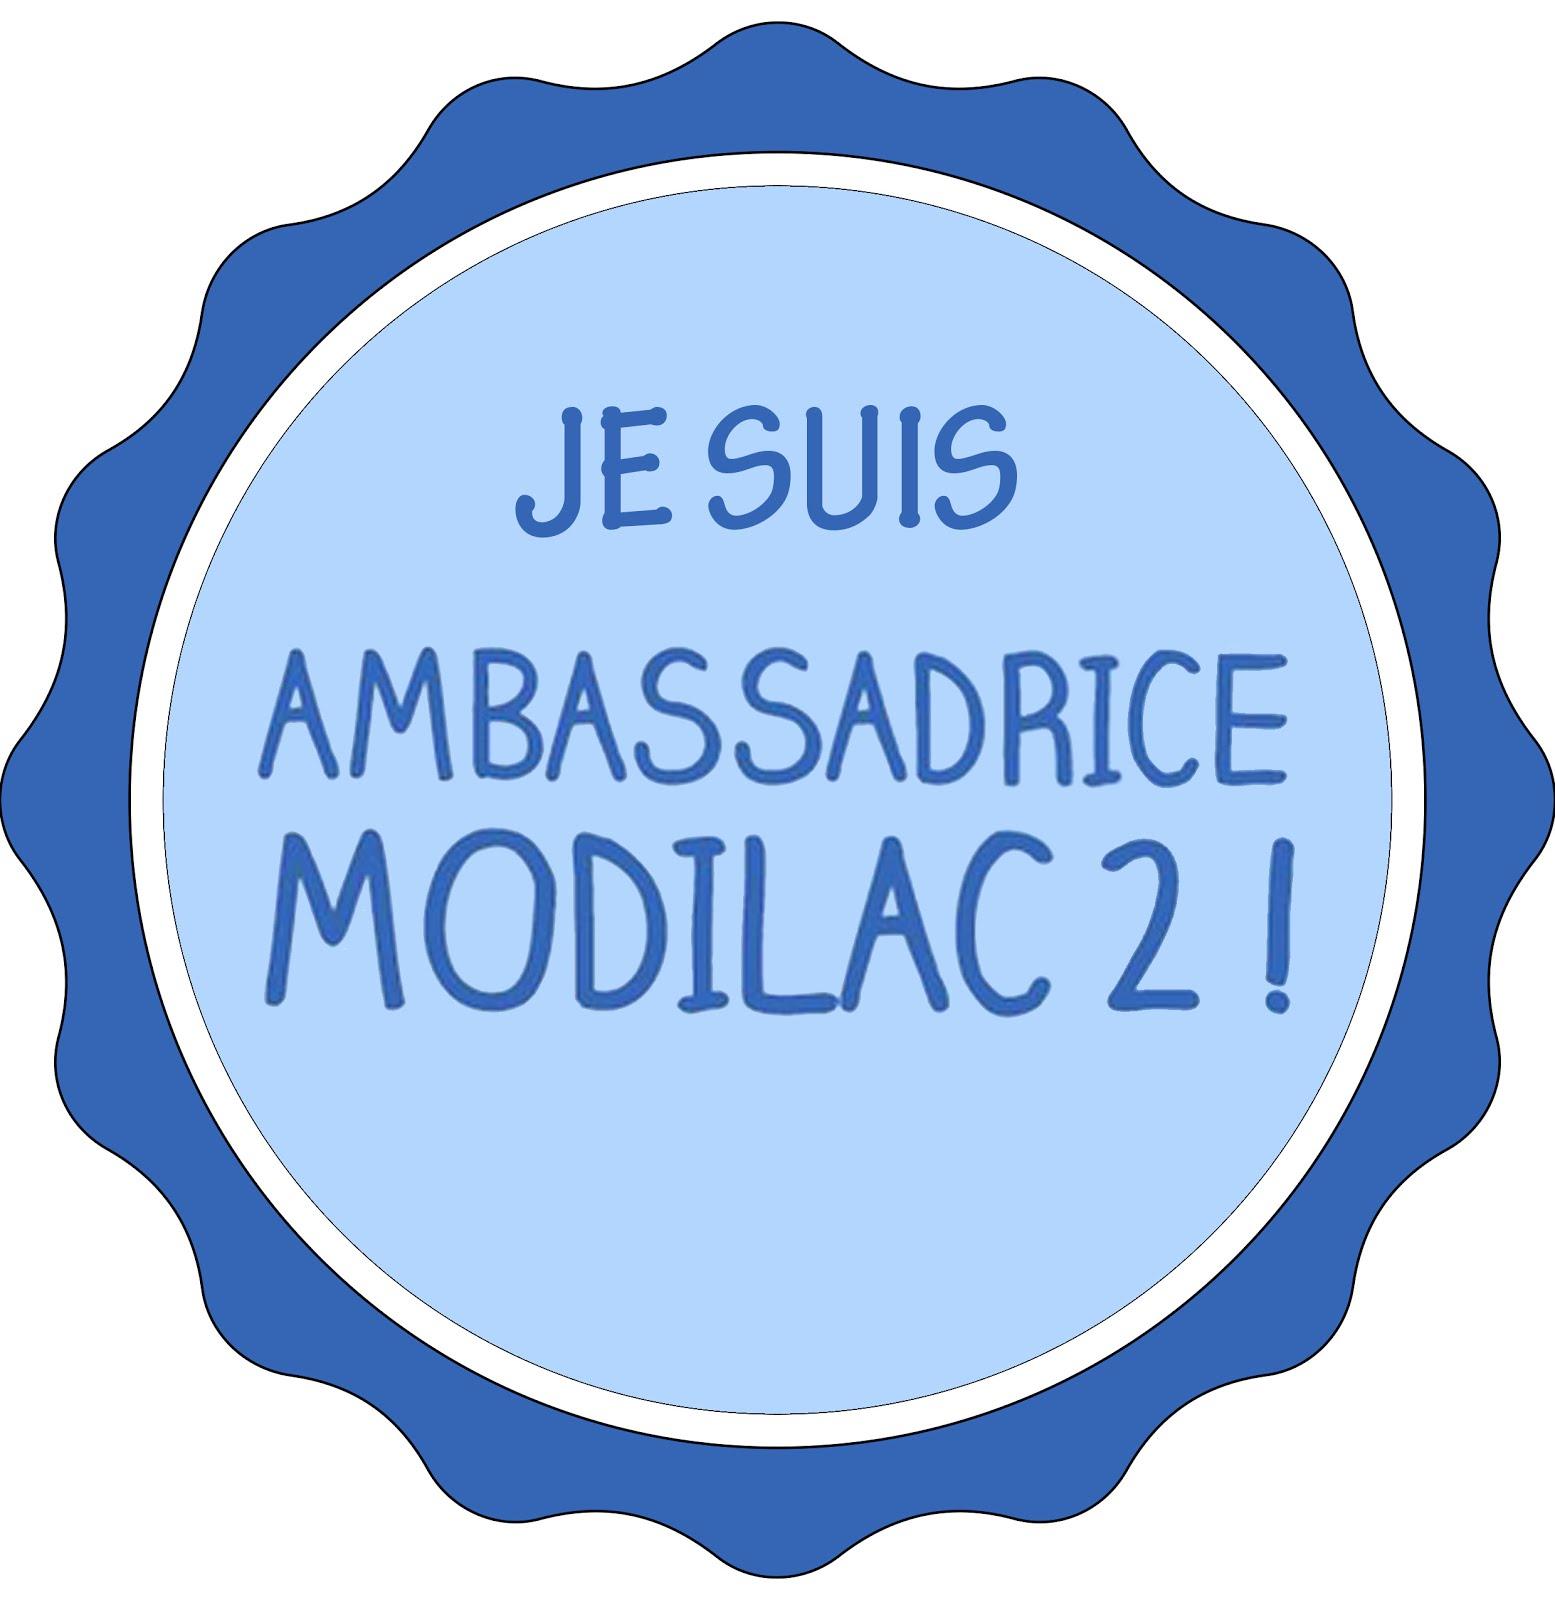 Je suis Ambassadrice Modilac